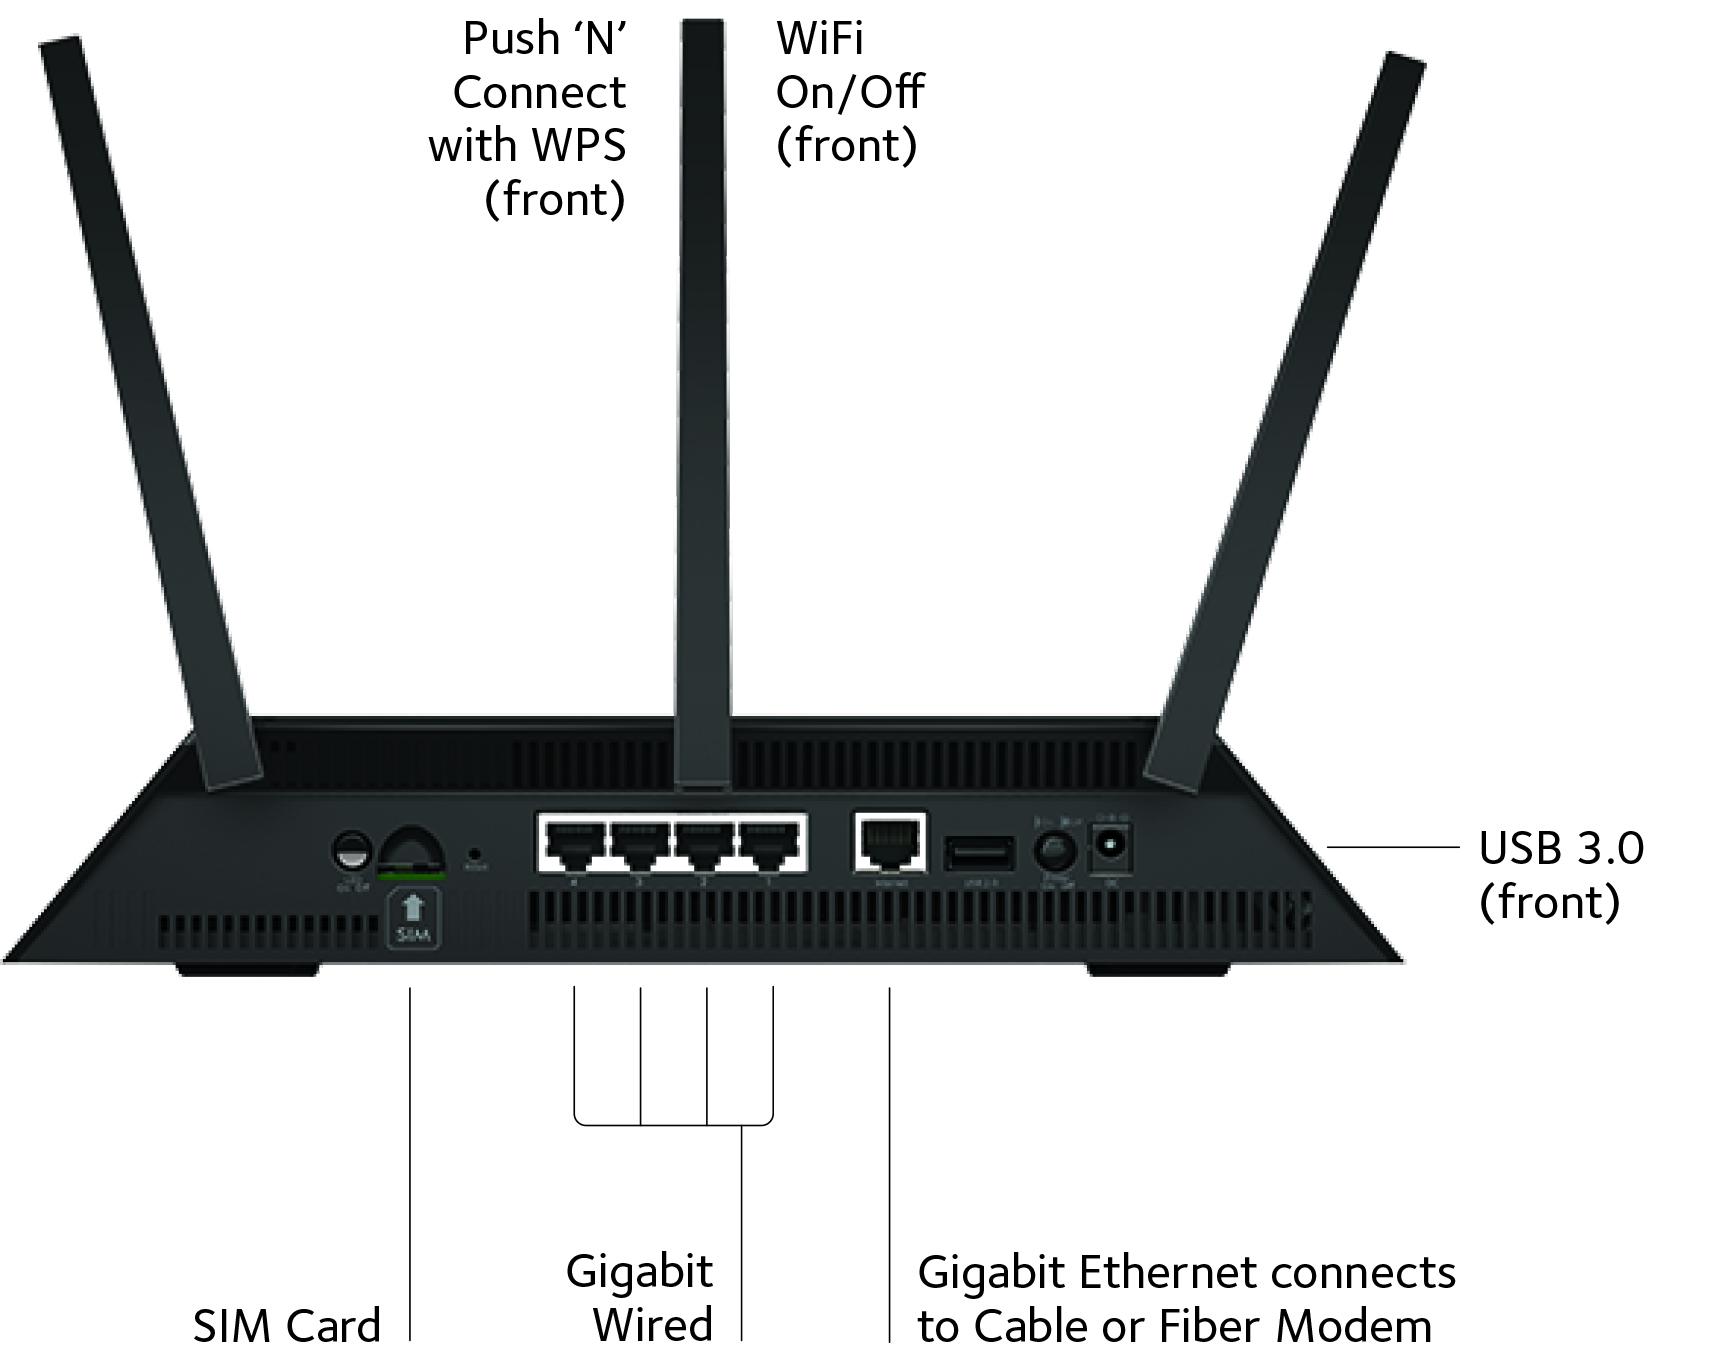 WRG-9914] Wiring Diagram For Netgear Wireless Router on netgear fuse, netgear remote control, netgear battery, netgear antenna,